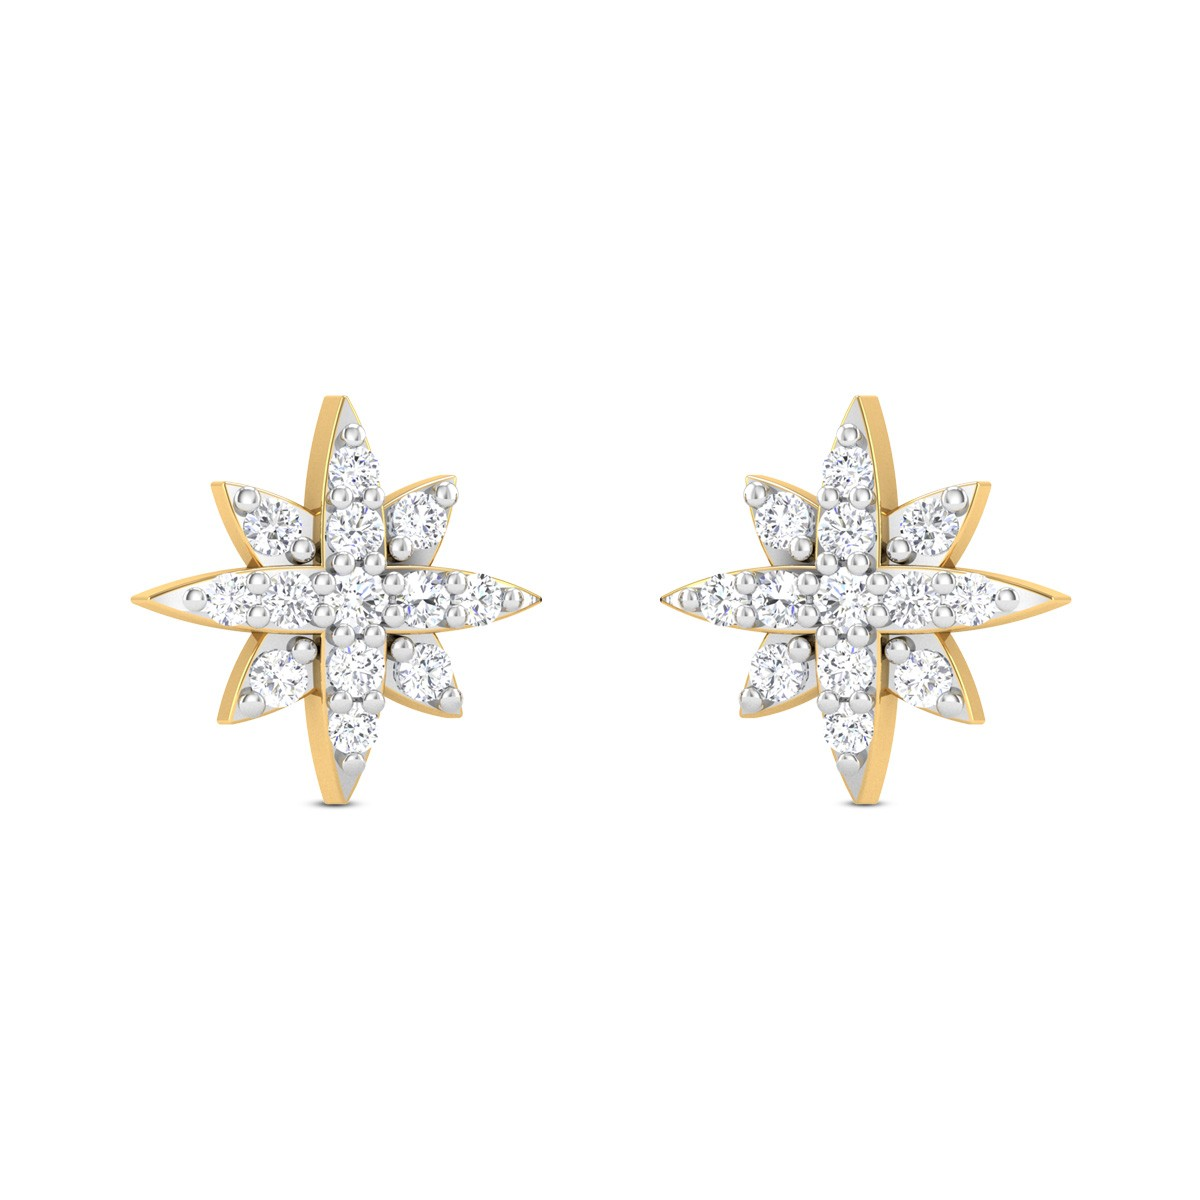 Belladonna Diamond Earrings